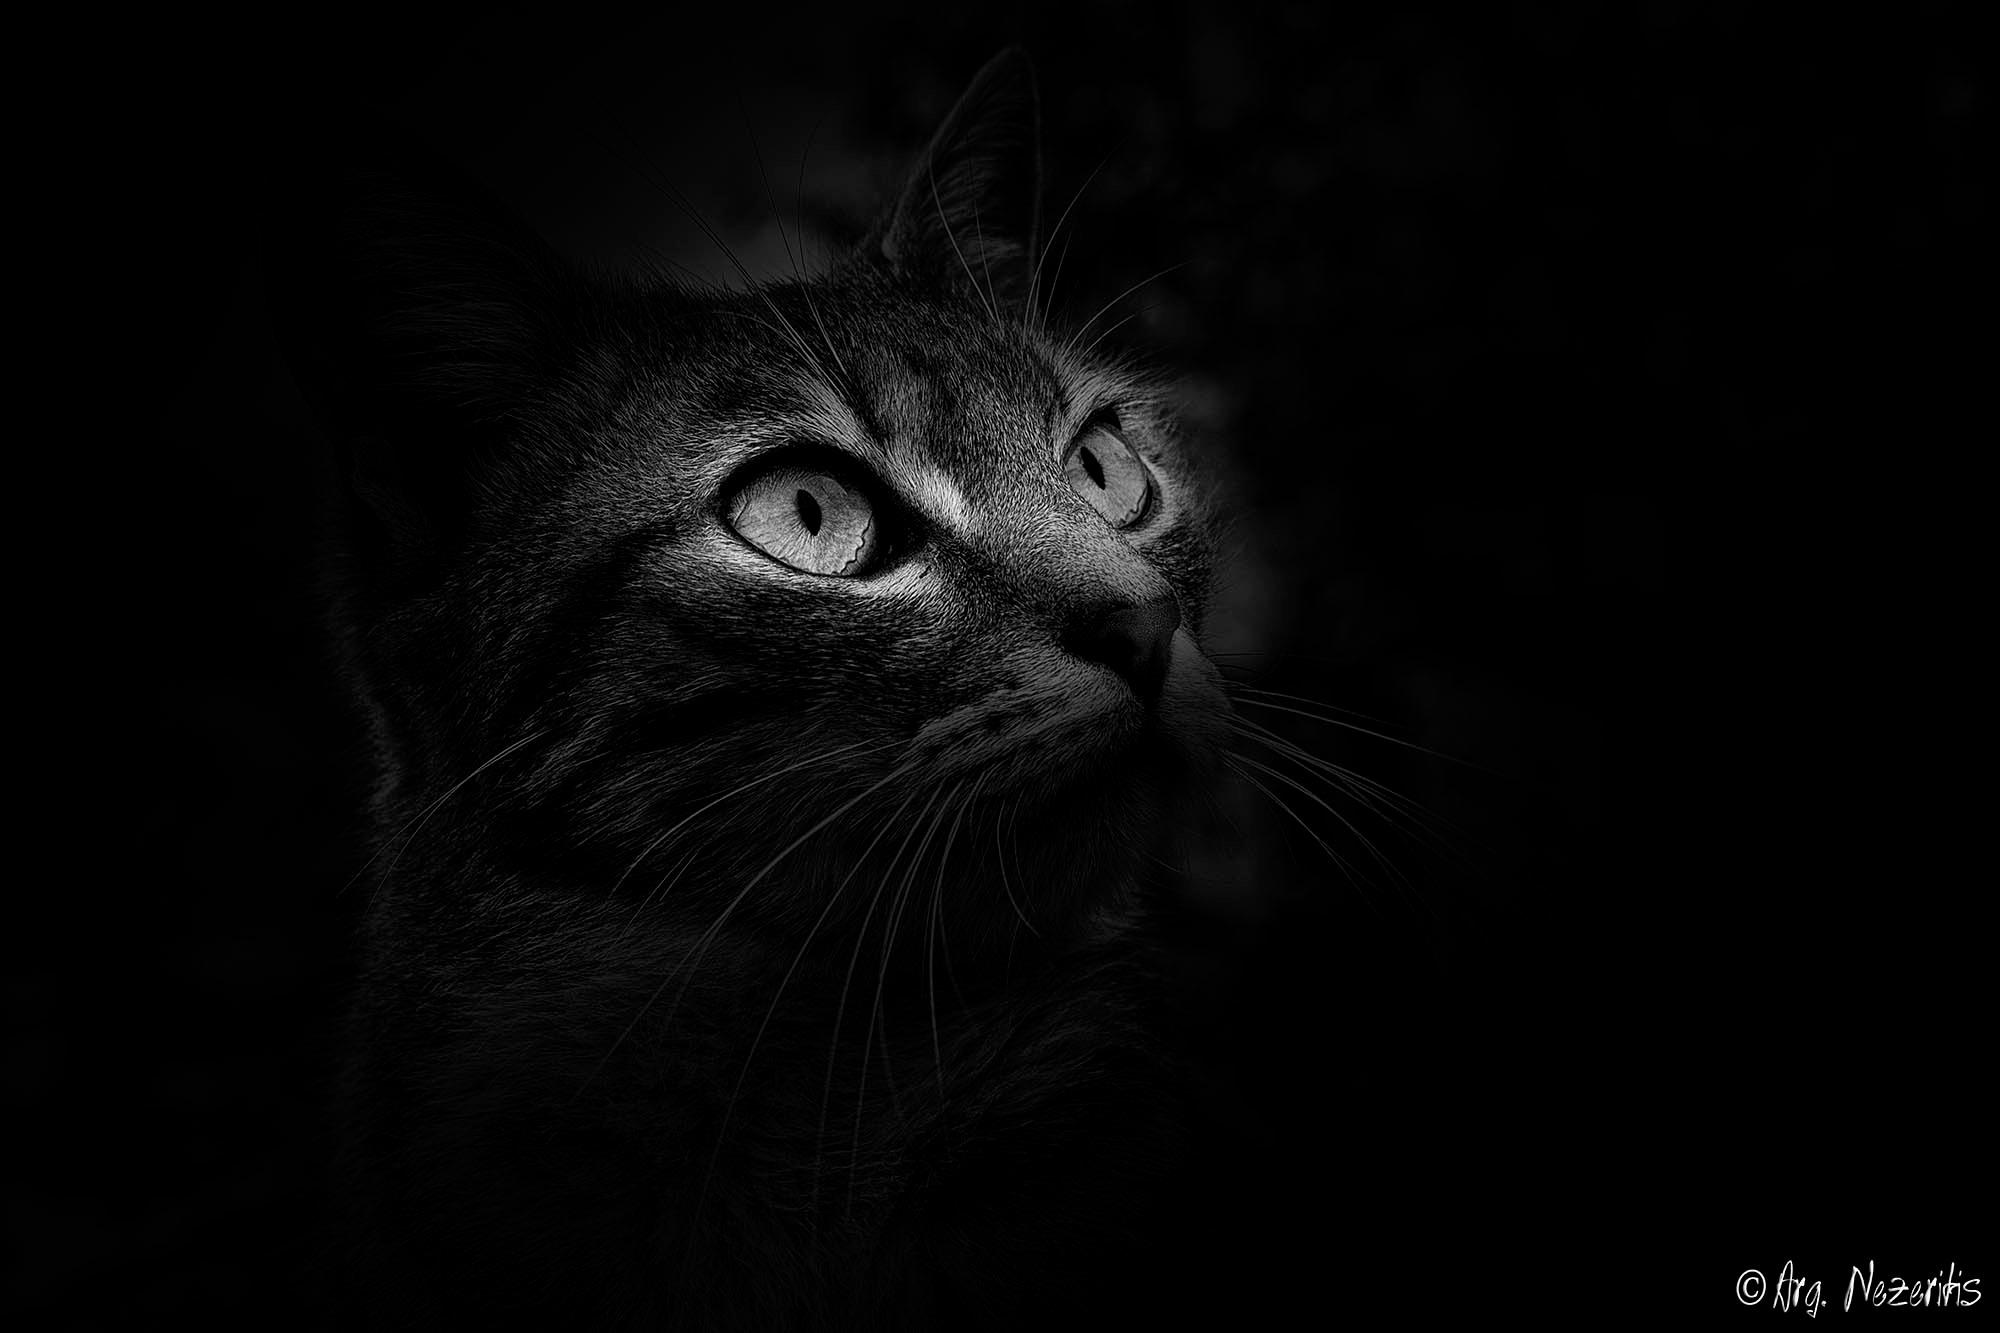 Cat's eyes by Argyris Nezeritis